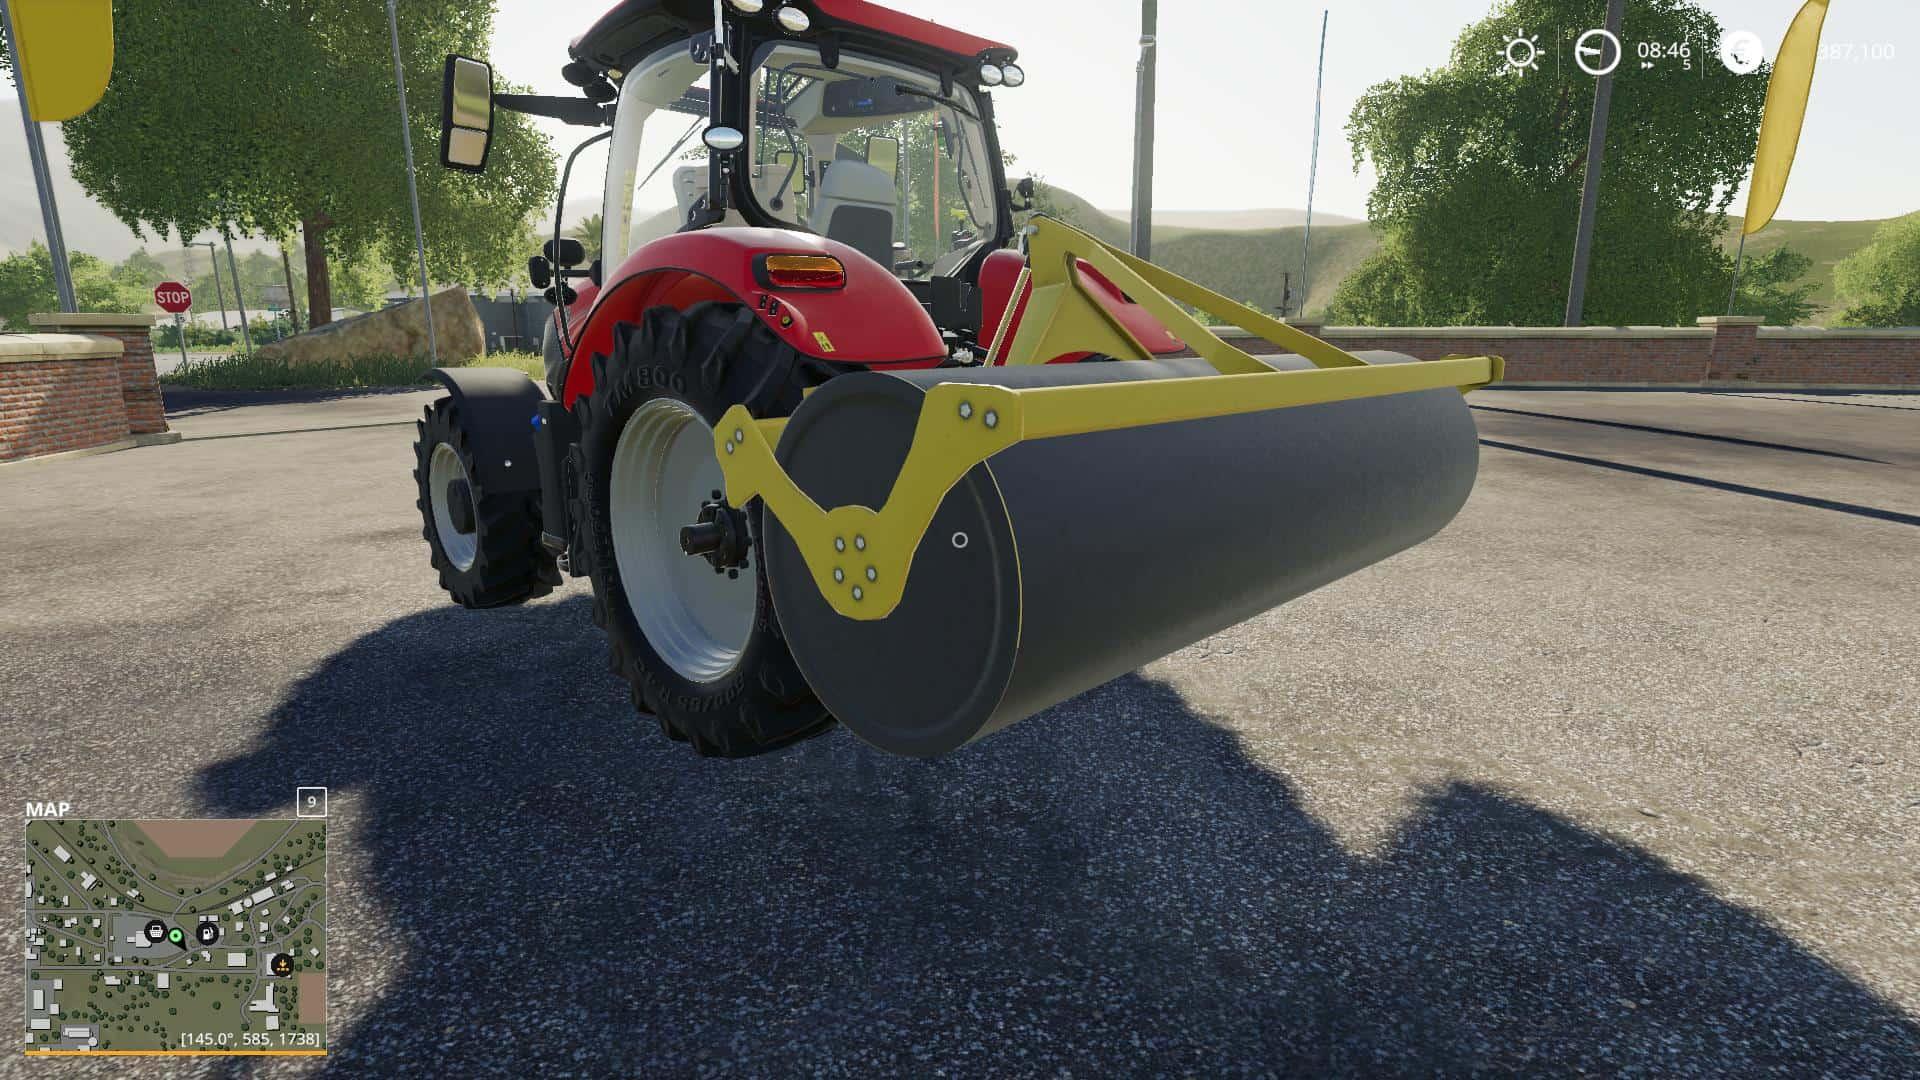 Lizard R300 v1 0 0 1 Mod - Farming Simulator 19 Mod / FS19